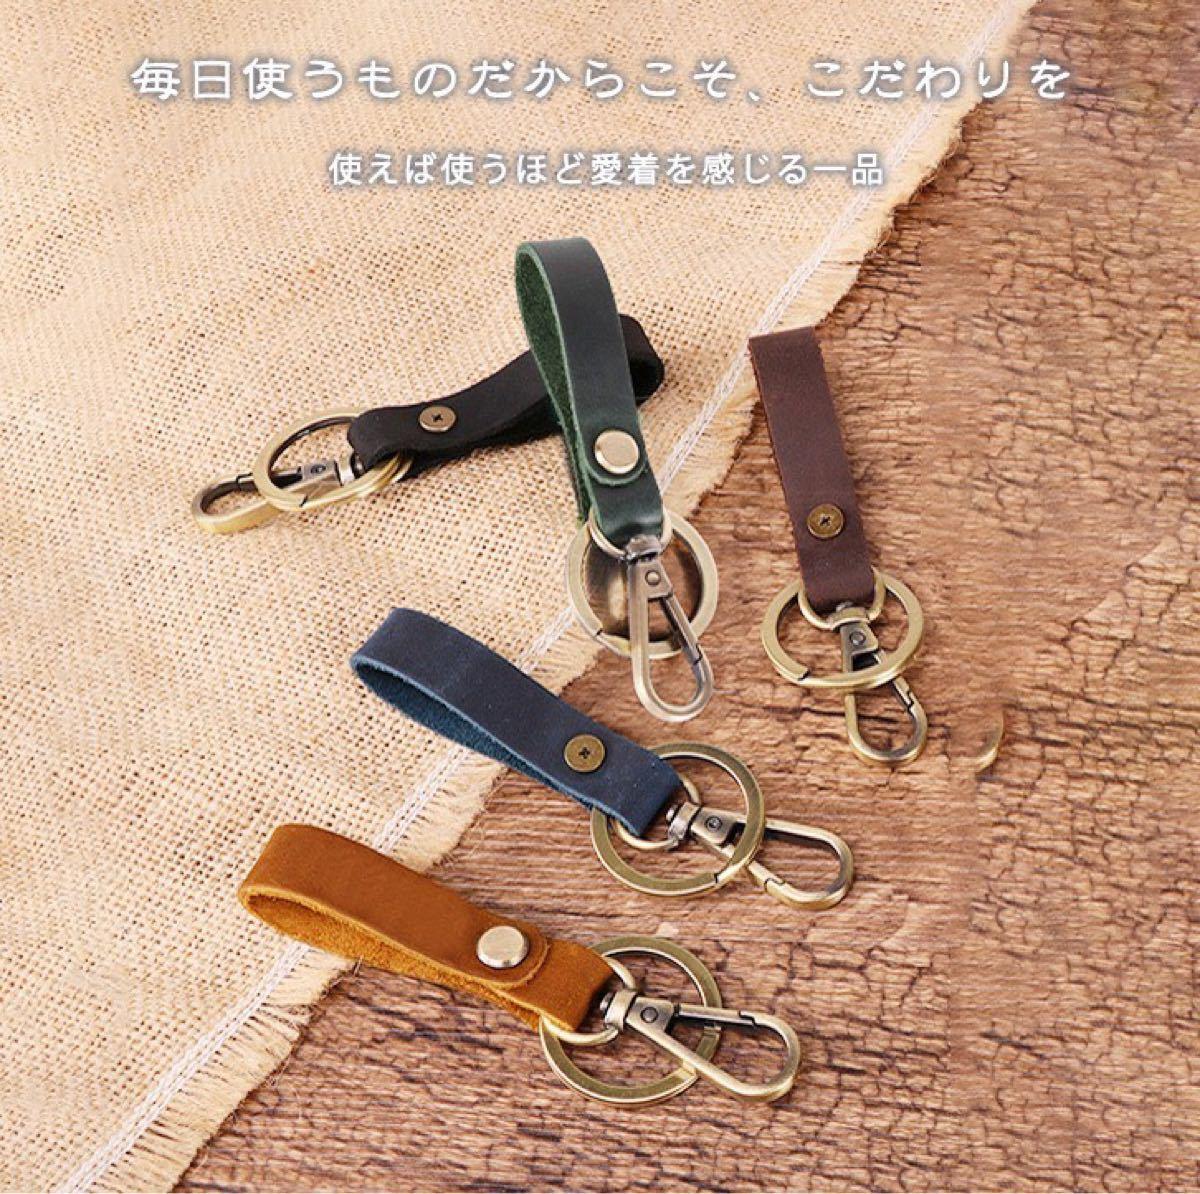 キーホルダー レザーベルト 本革 キーリング ループベルト鍵 カギ ベルトタイプ ヌメ革 皮 落下防止 お揃い おしゃれ 革小物